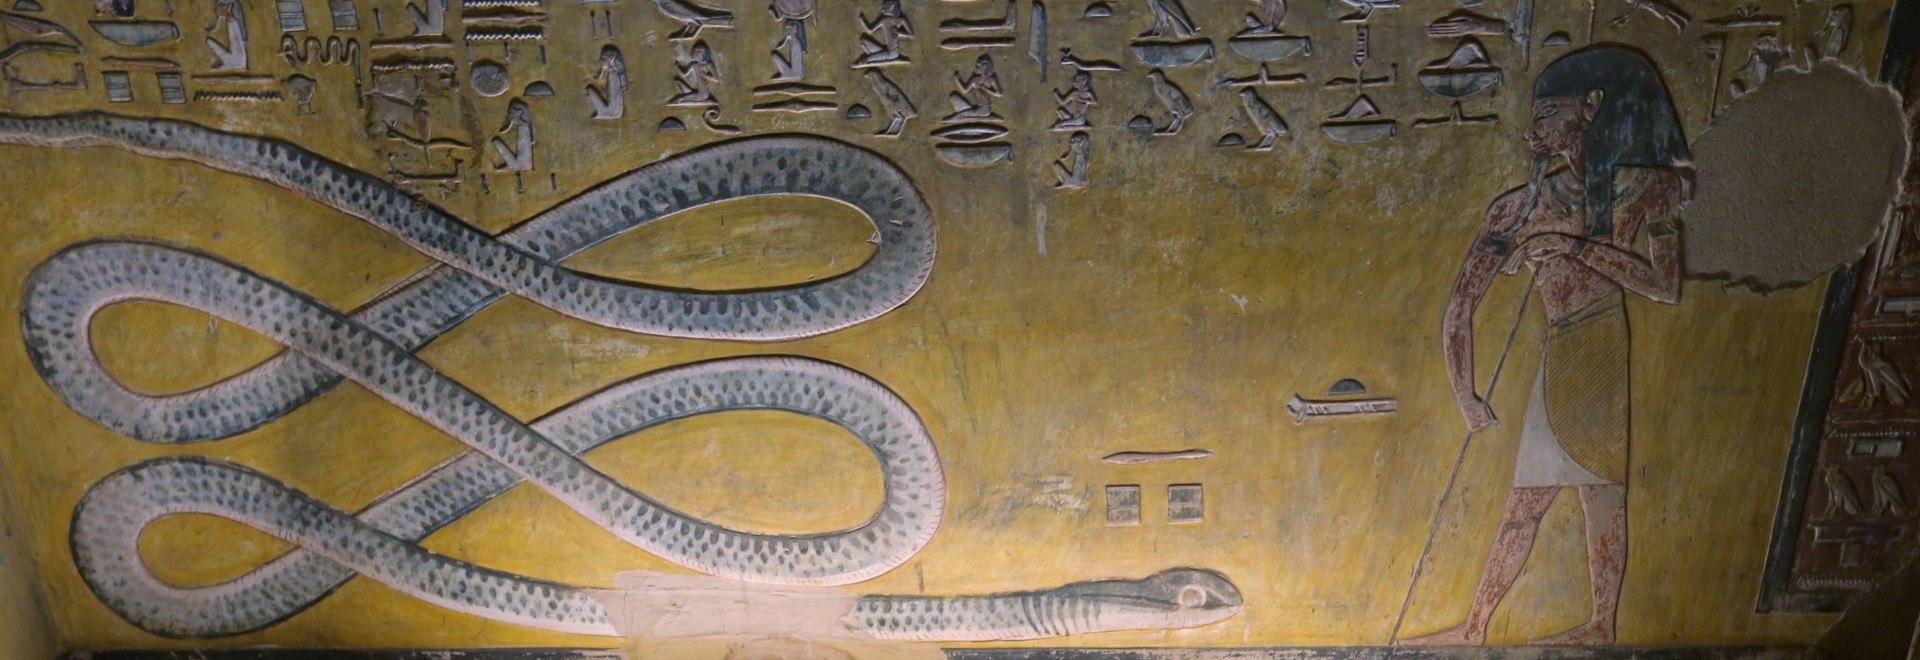 I segreti di Tutankhamon